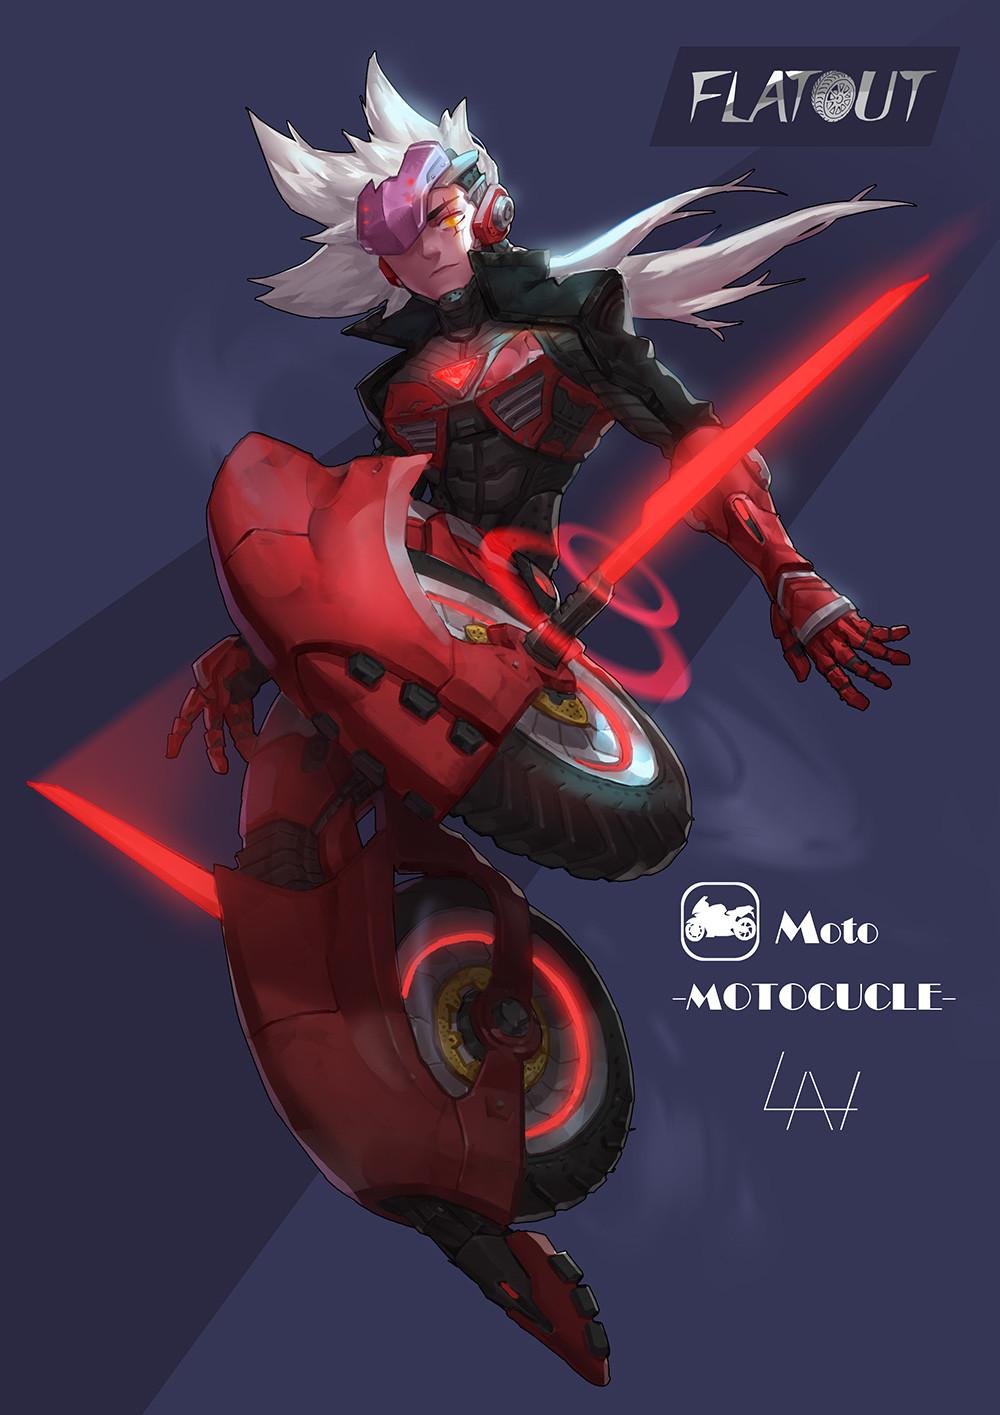 Yuan lan moto10